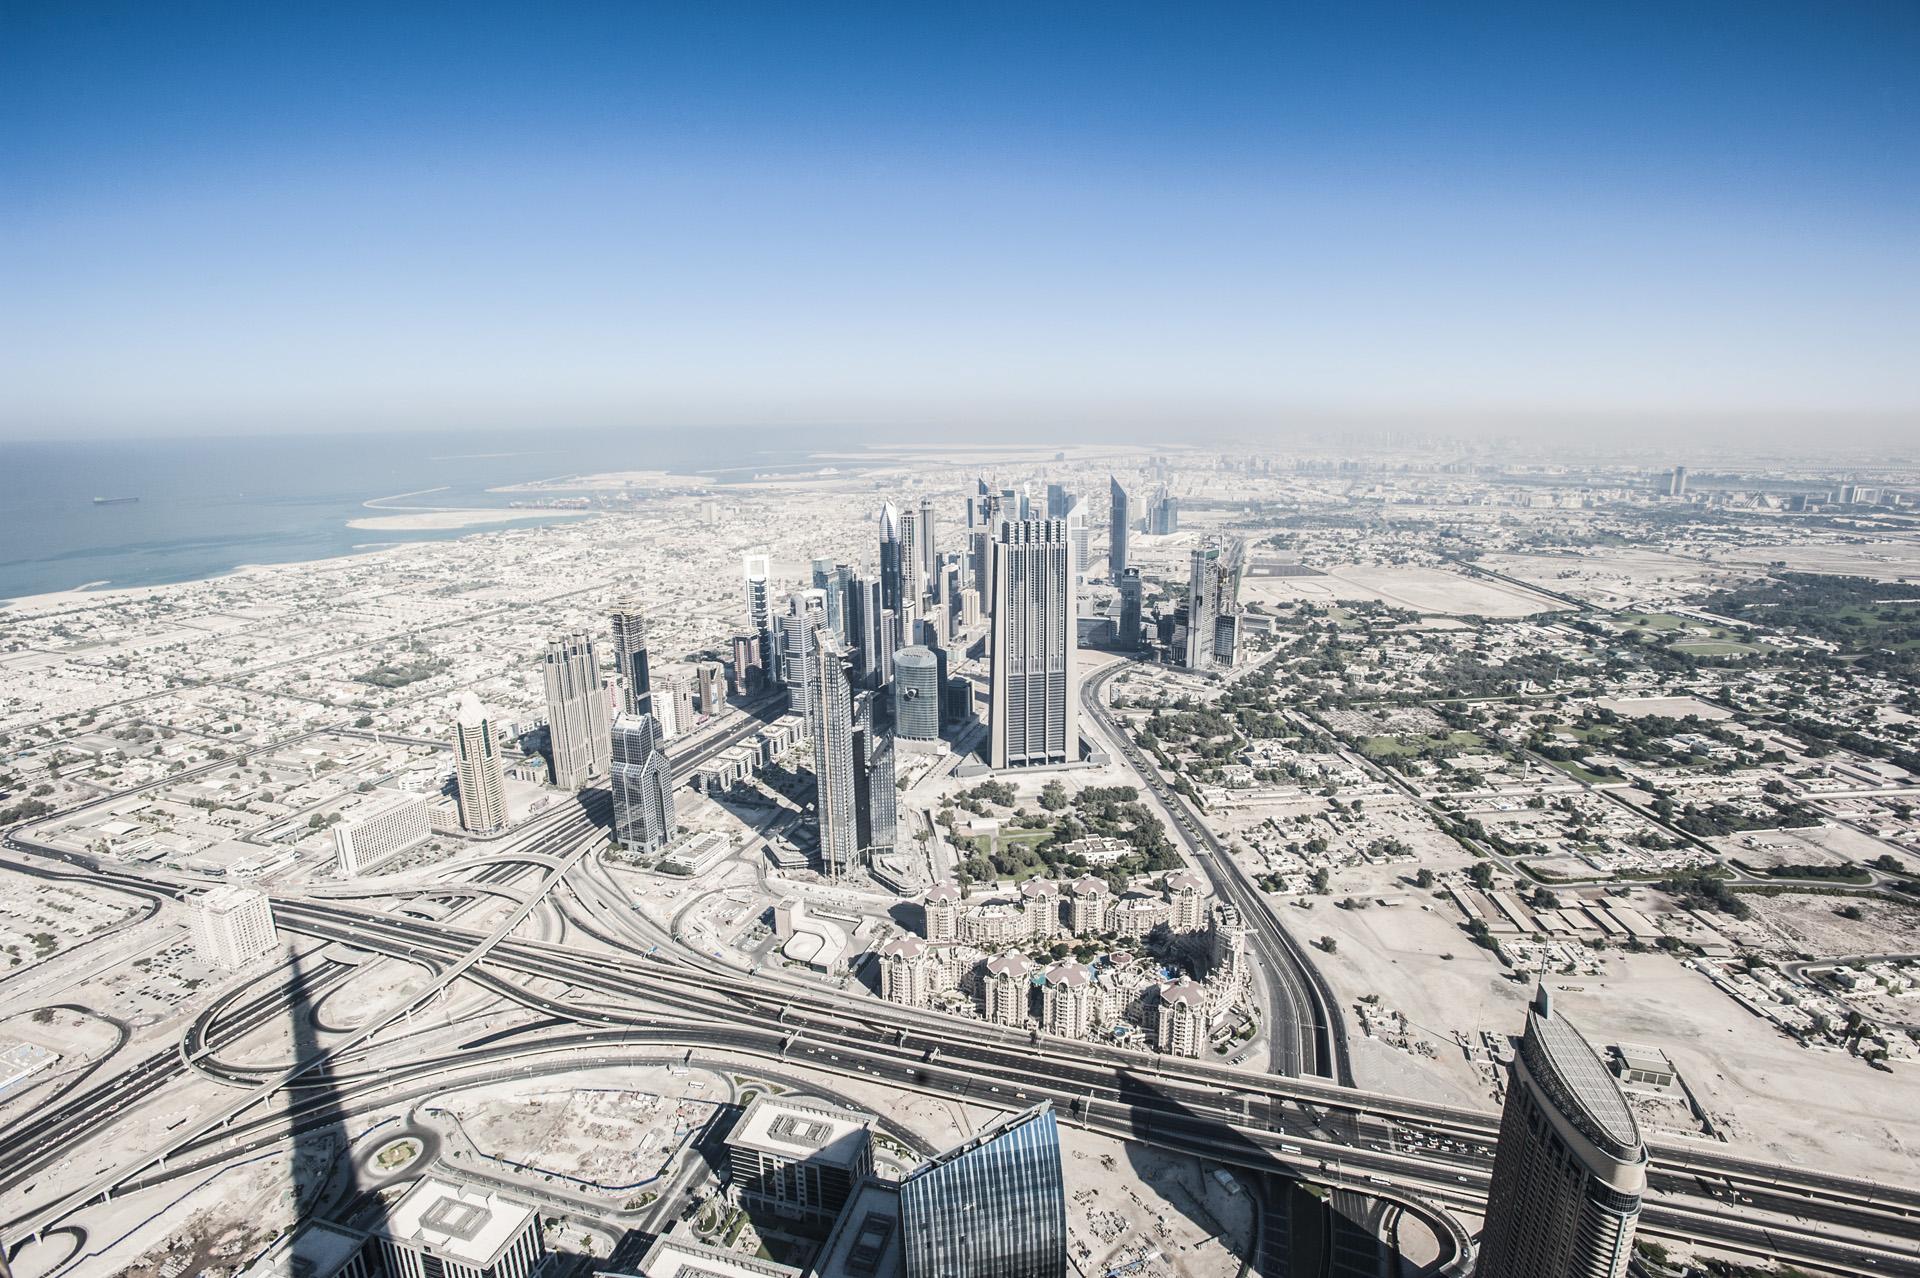 DSC0179 - Dubai